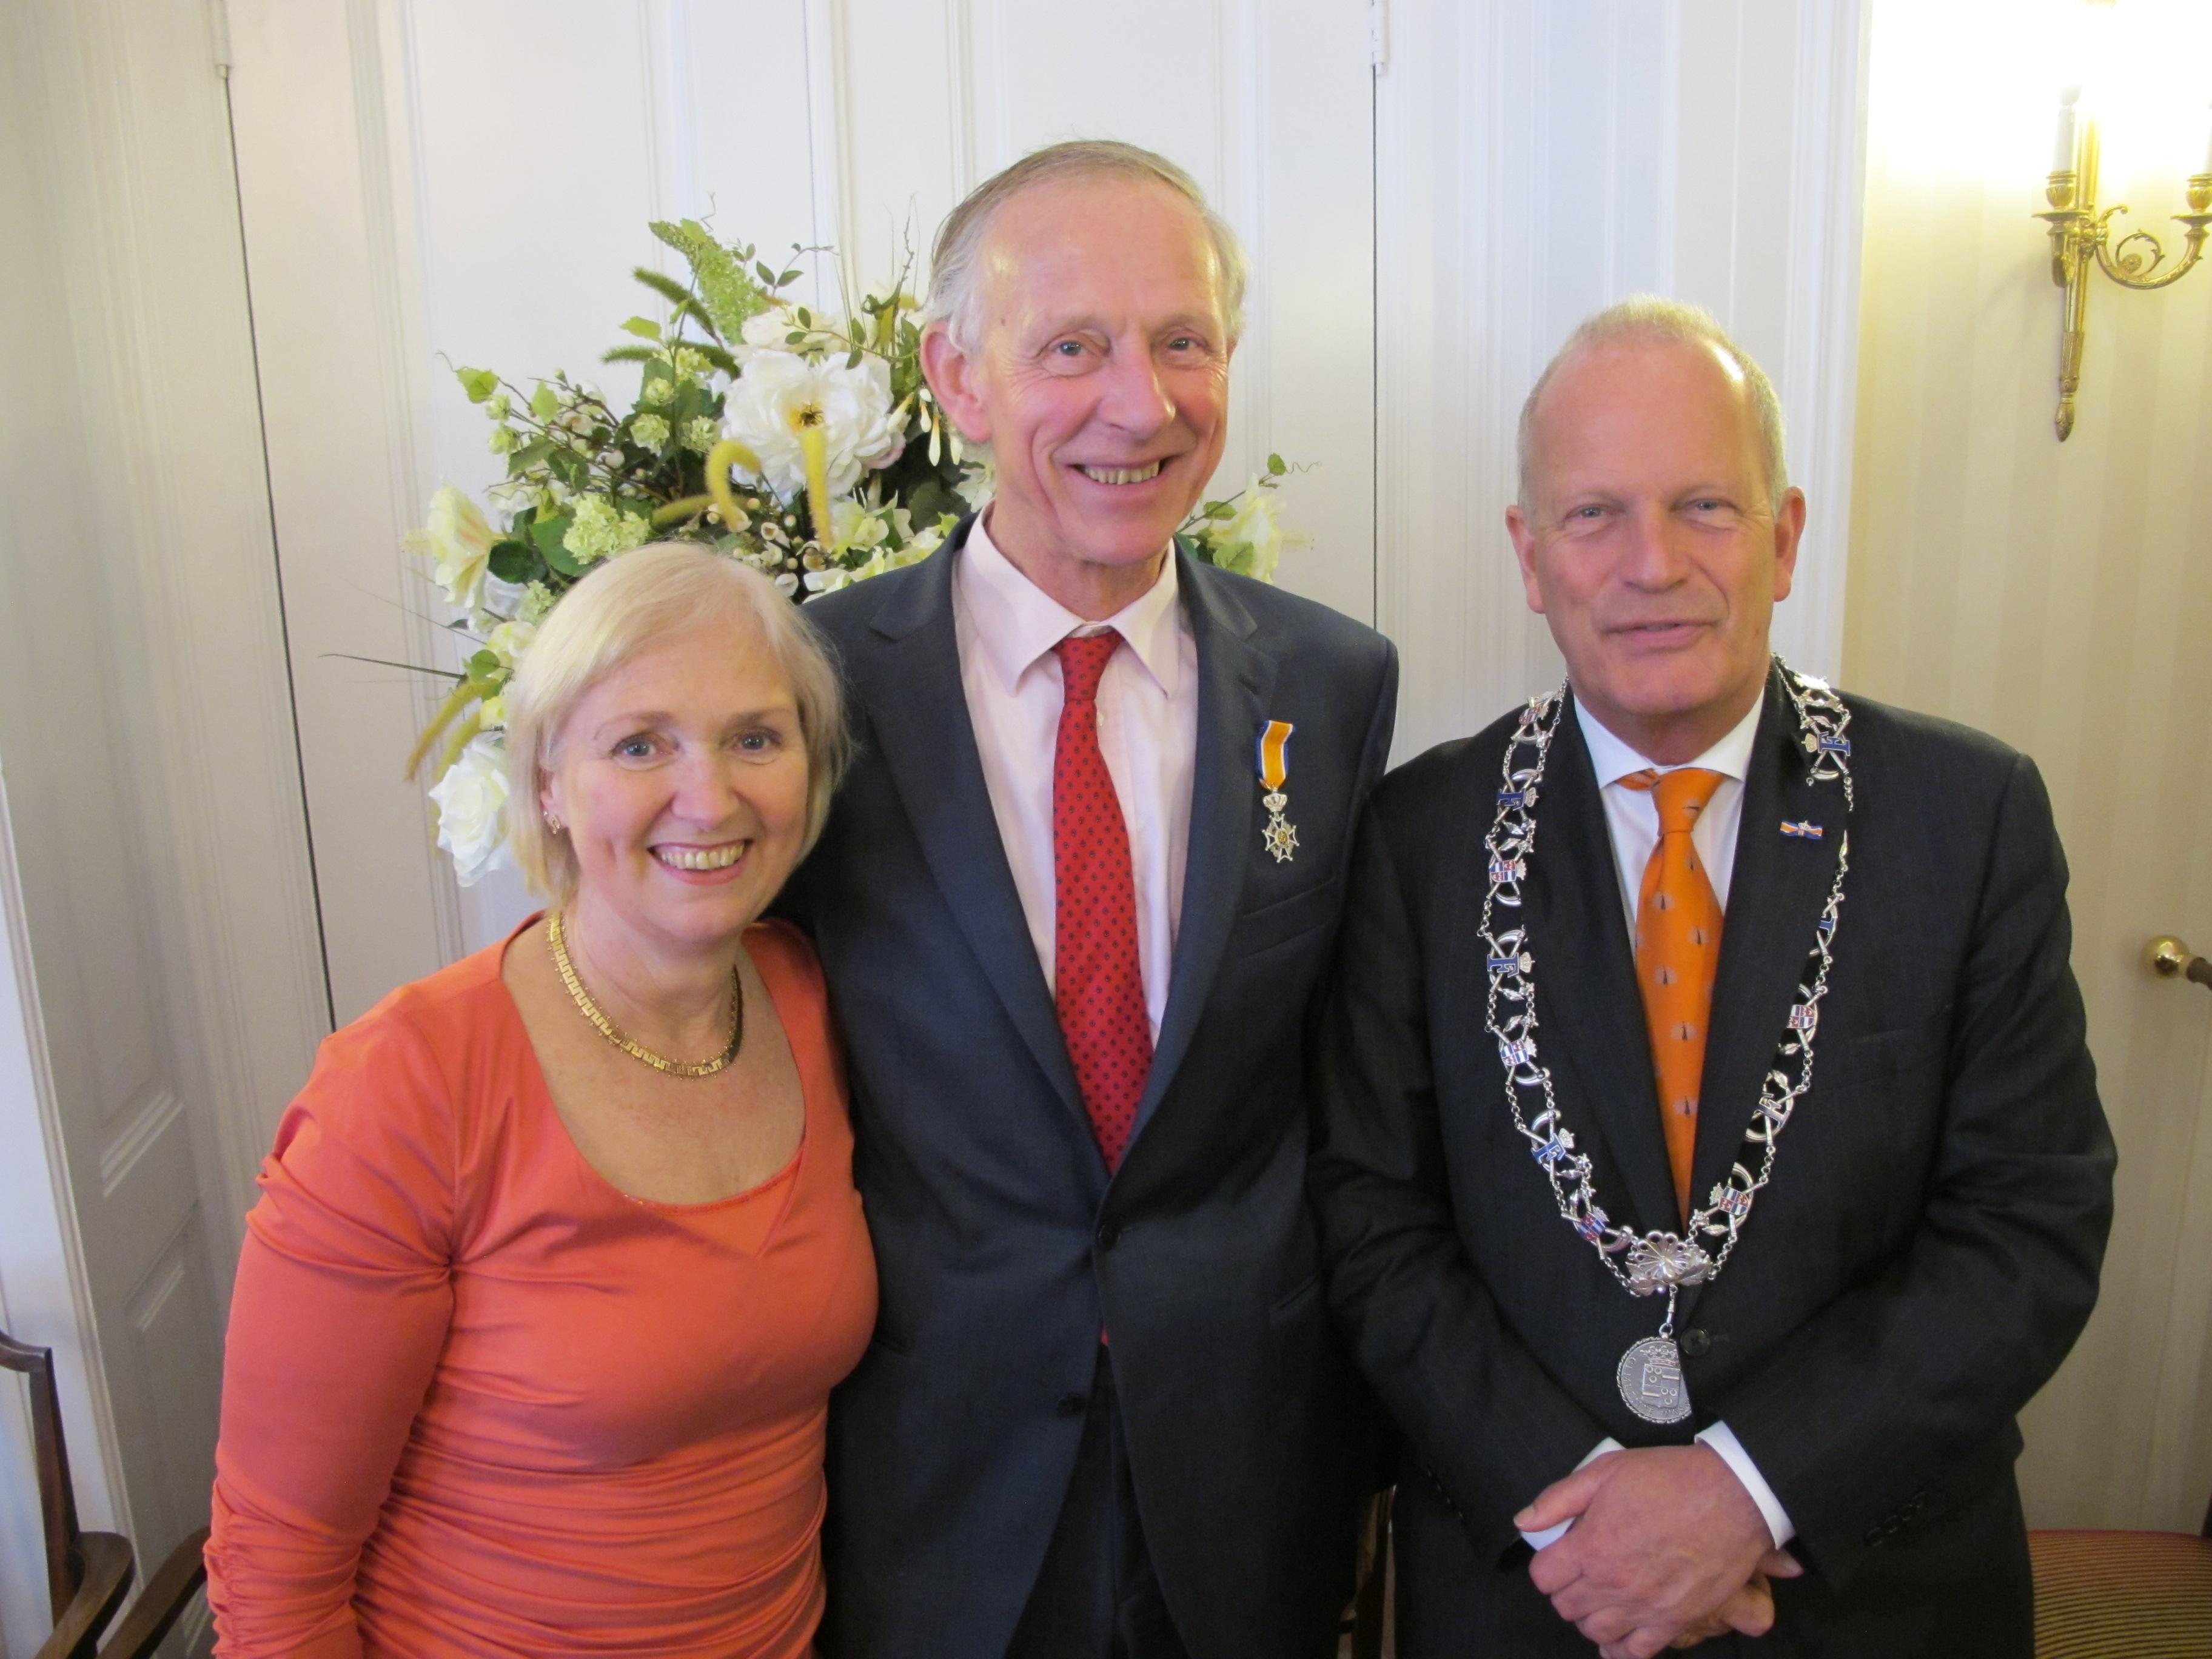 Hero de Boer ontving de versierselen op het gemeentehuis van Wassenaar uit handen van burgemeester Jan Hoekstra.